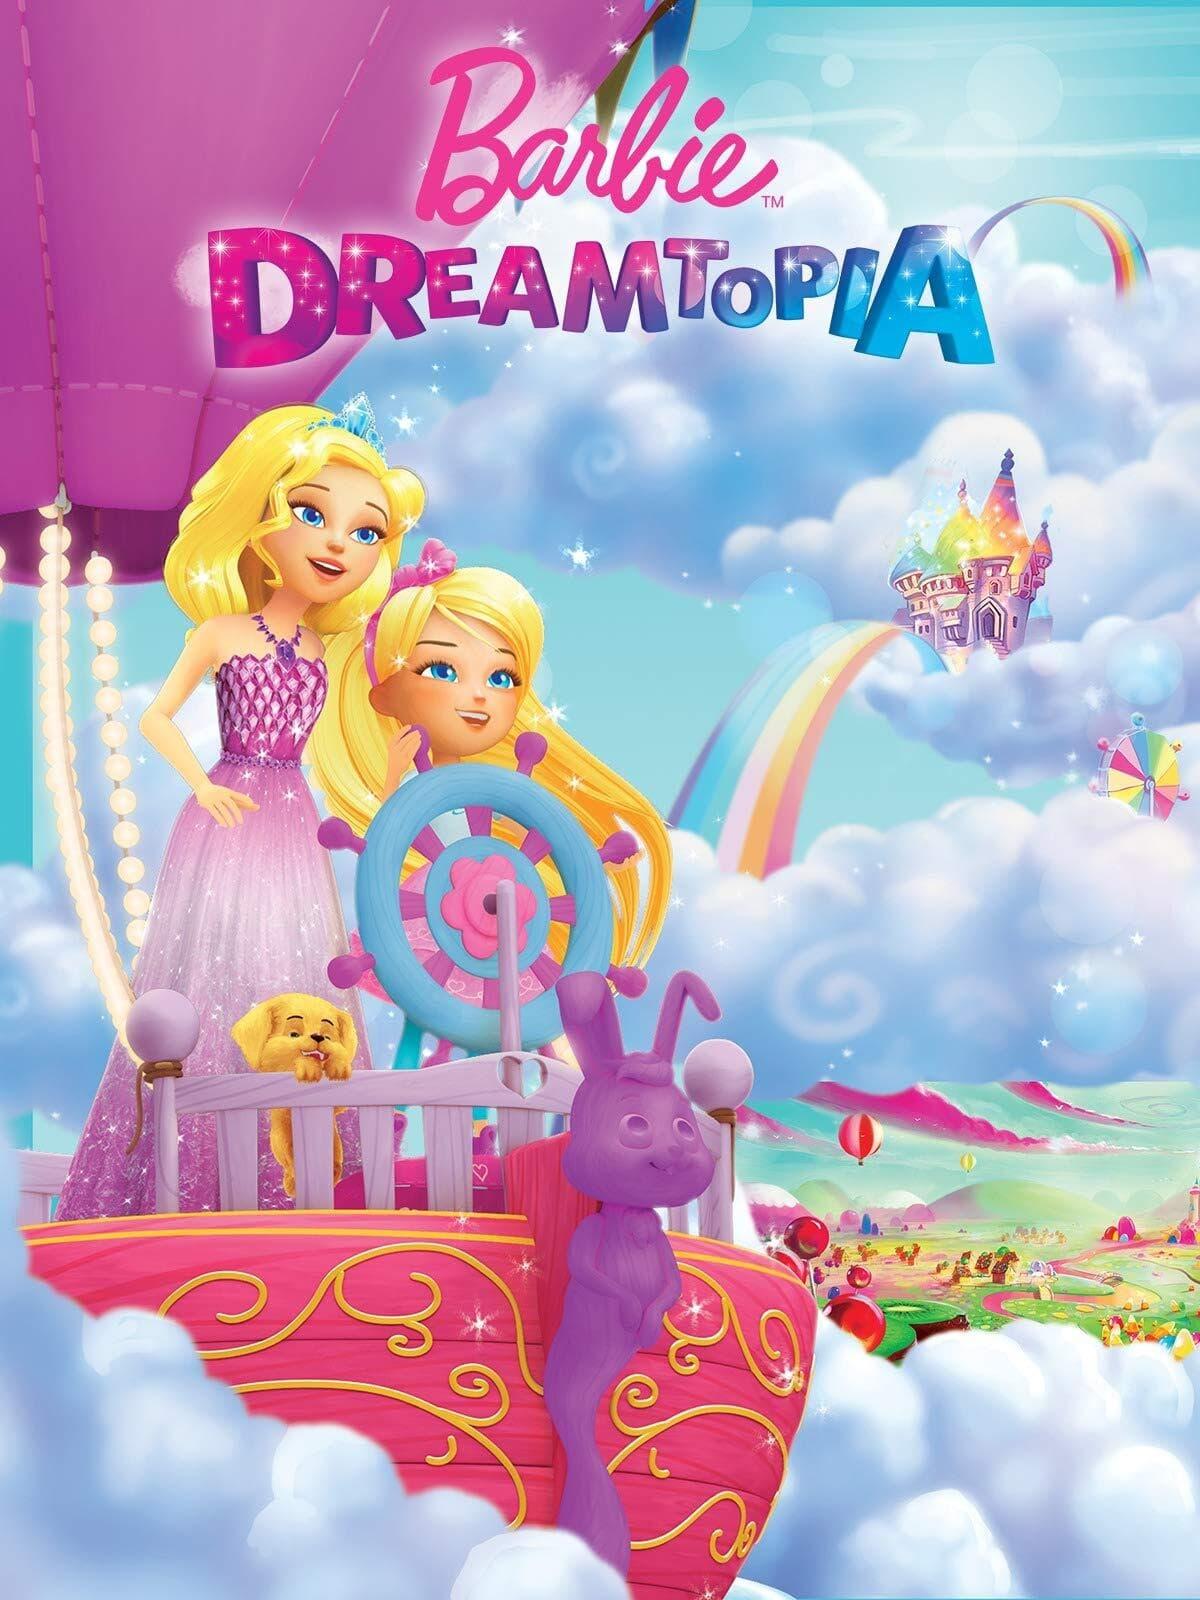 Barbie Dreamtopia - Cabelos Mágicos